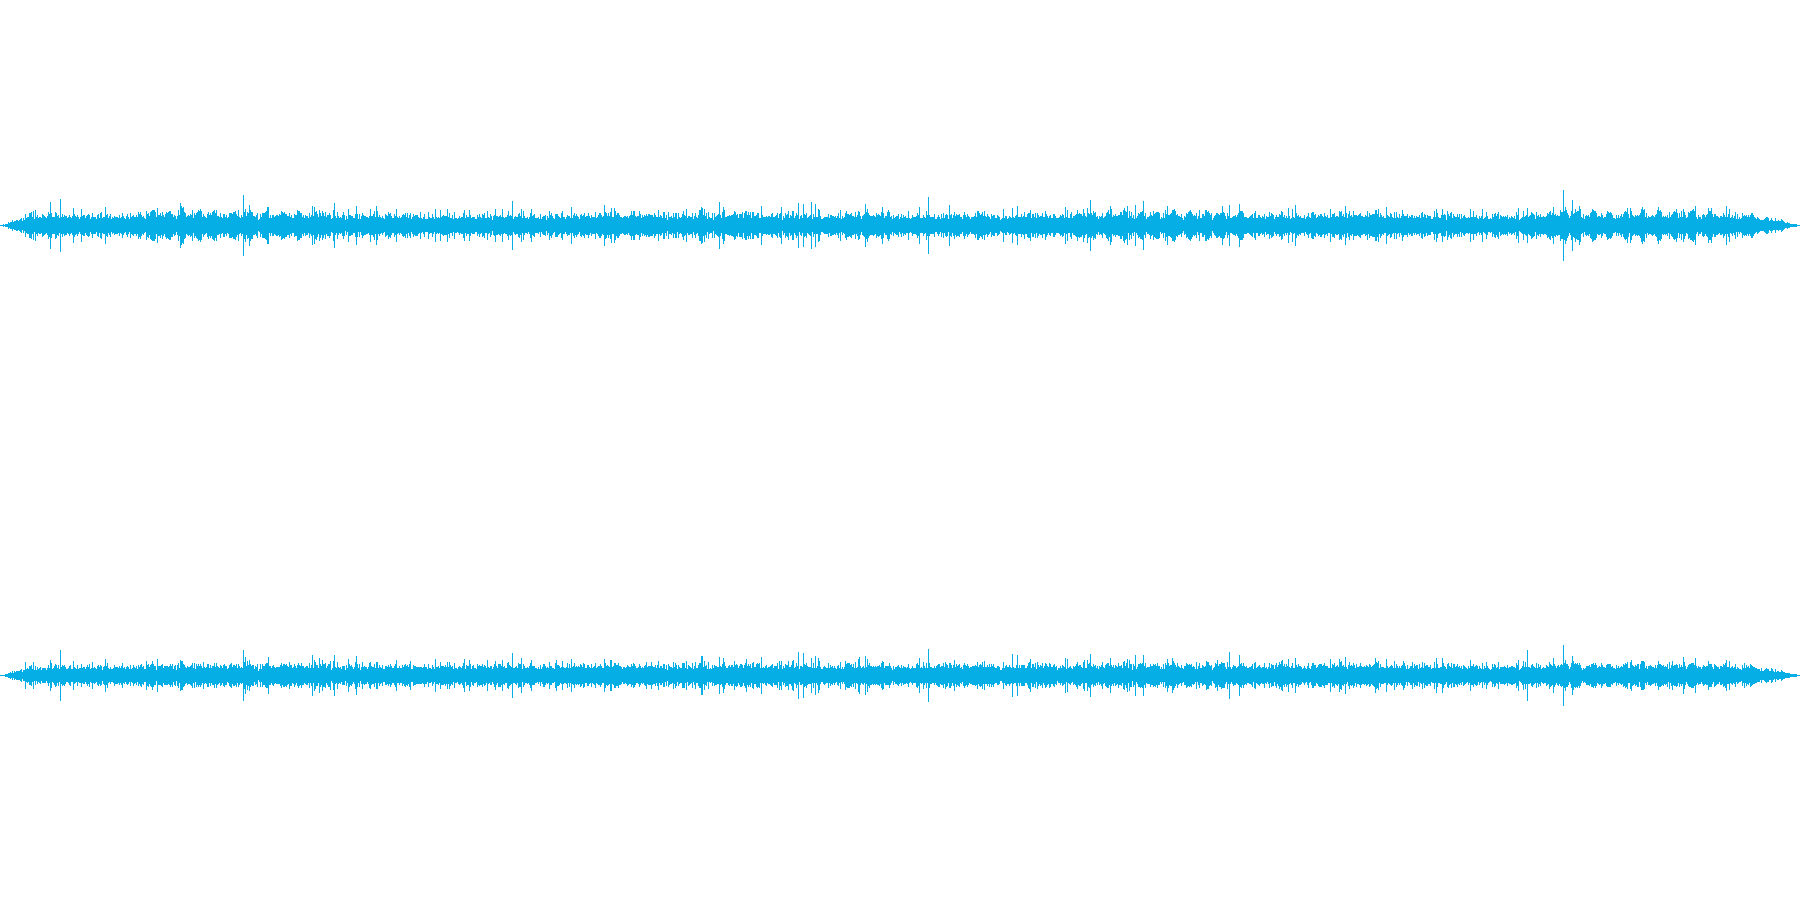 田園 サバンナダムオーバーフロー01の再生済みの波形